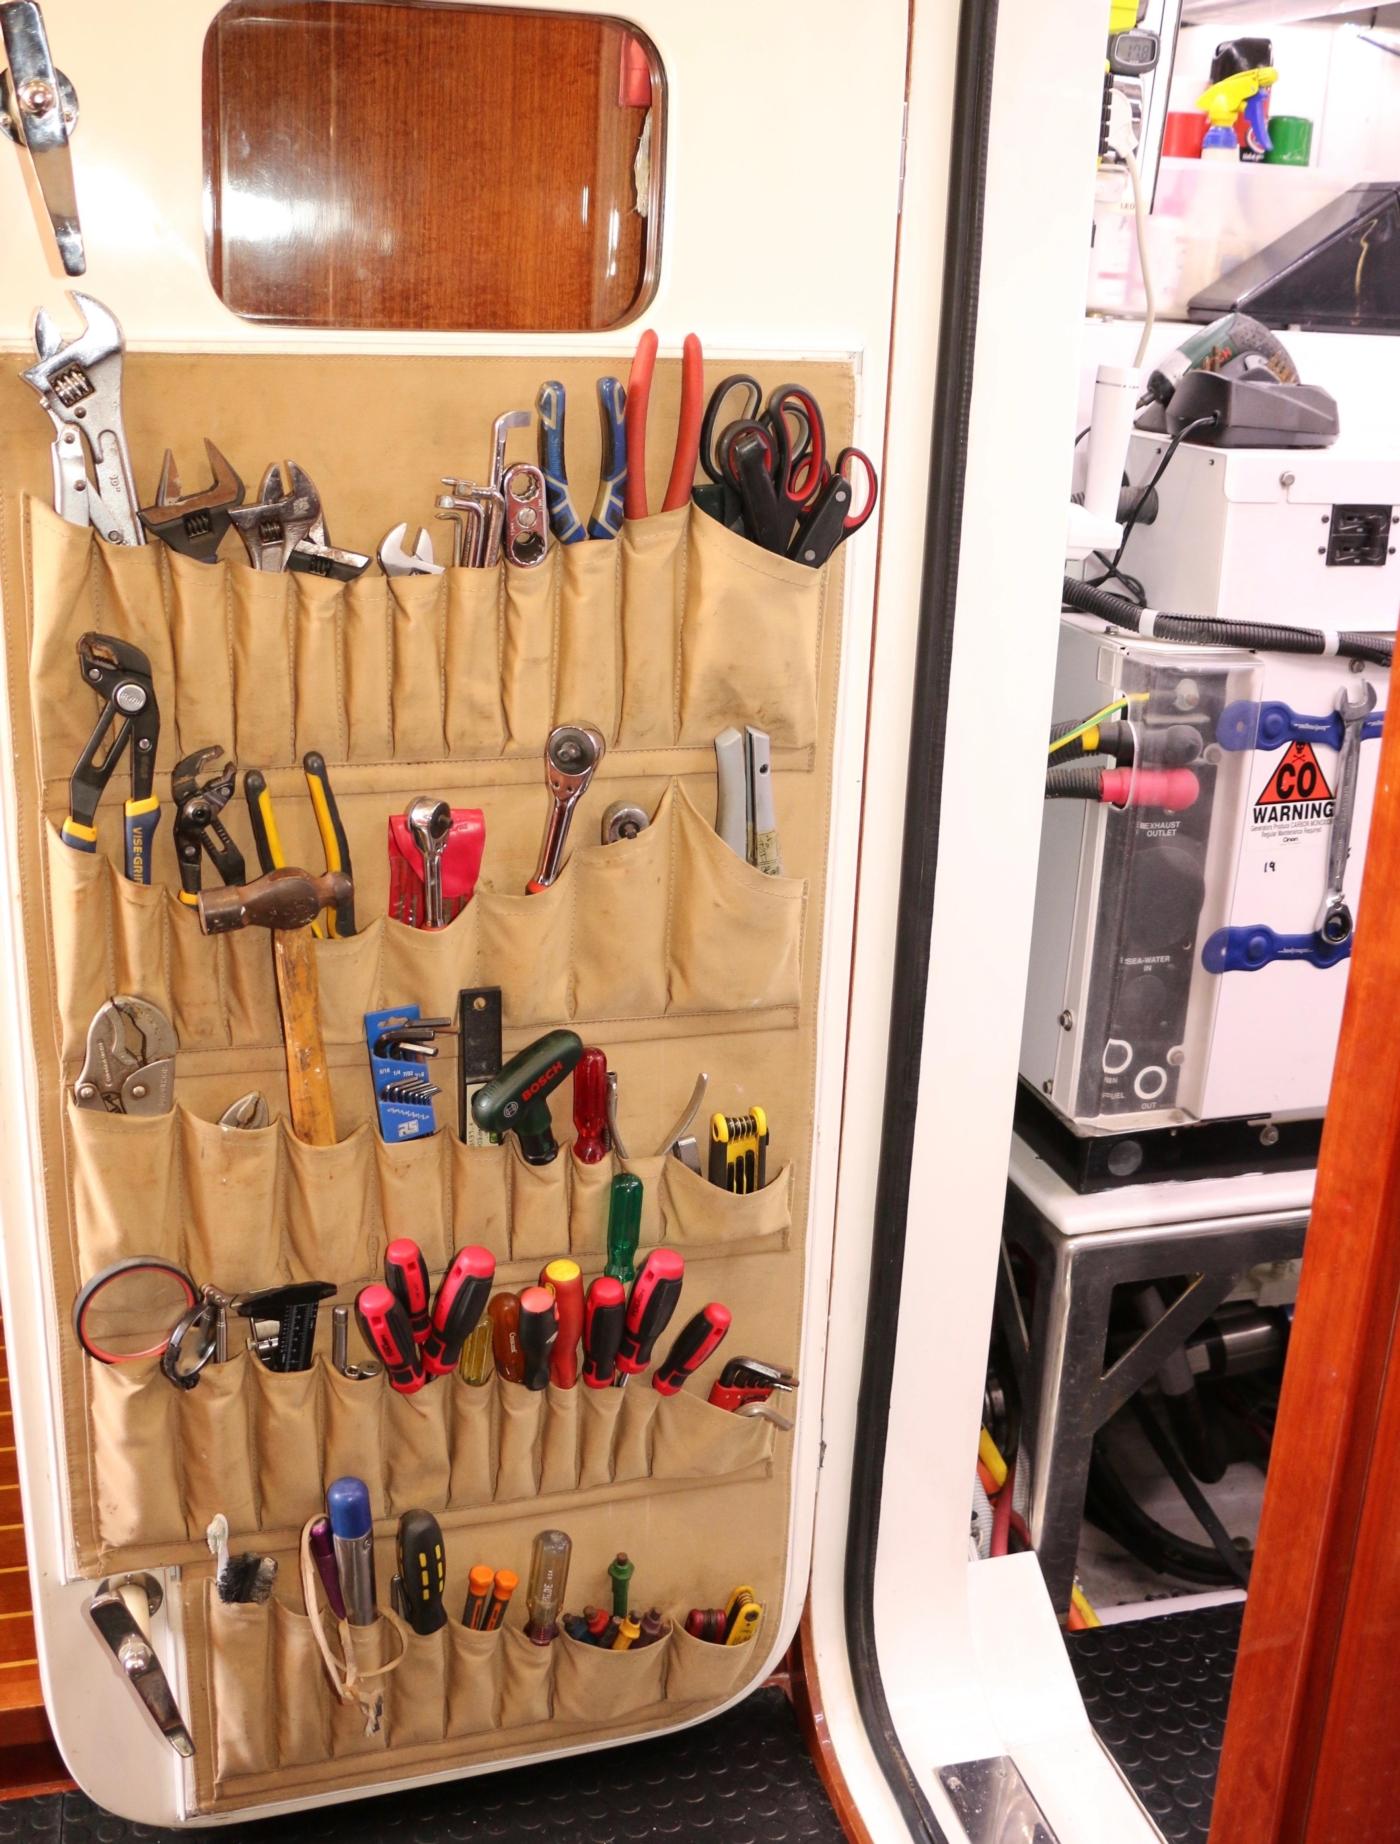 2011 Hampton 75 Endurance LRC, Engine Room tools